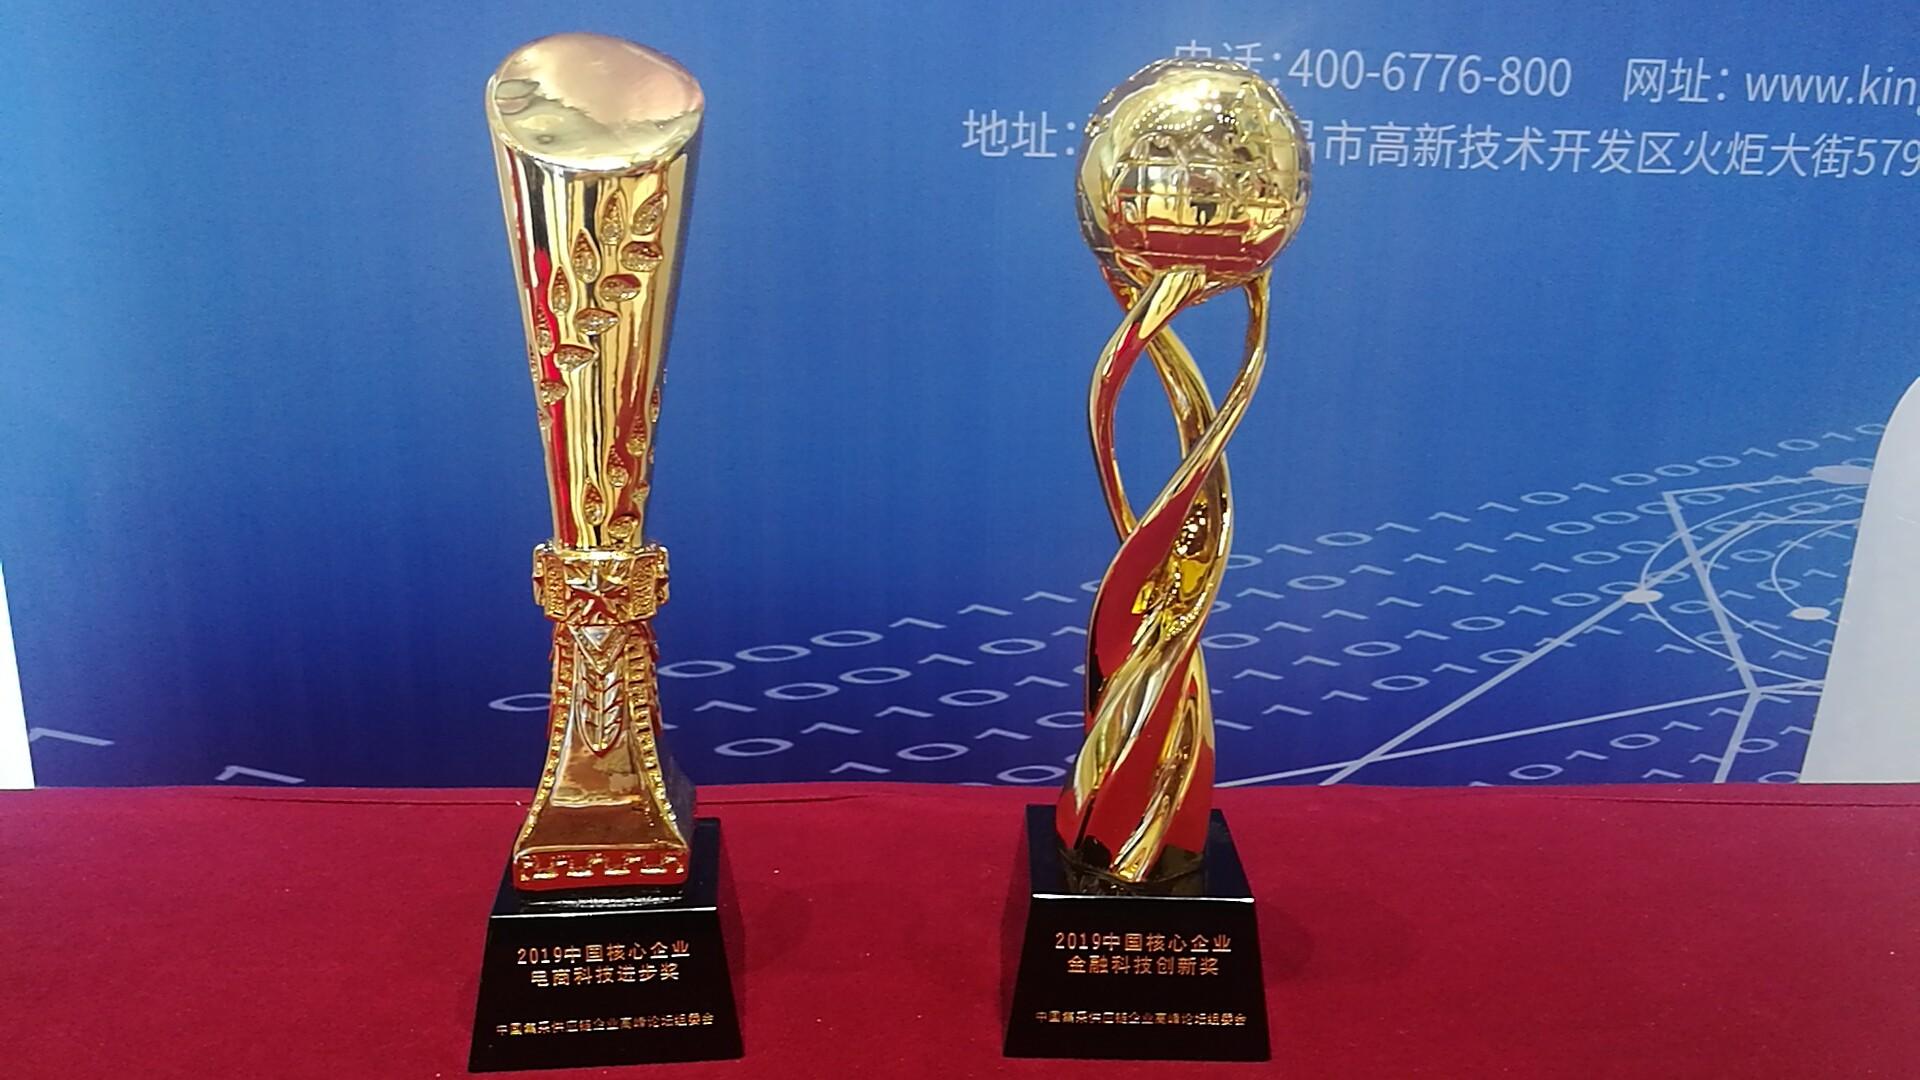 2019中國核心企業金融科技創新獎,2019中國核心企業電商科技進步獎